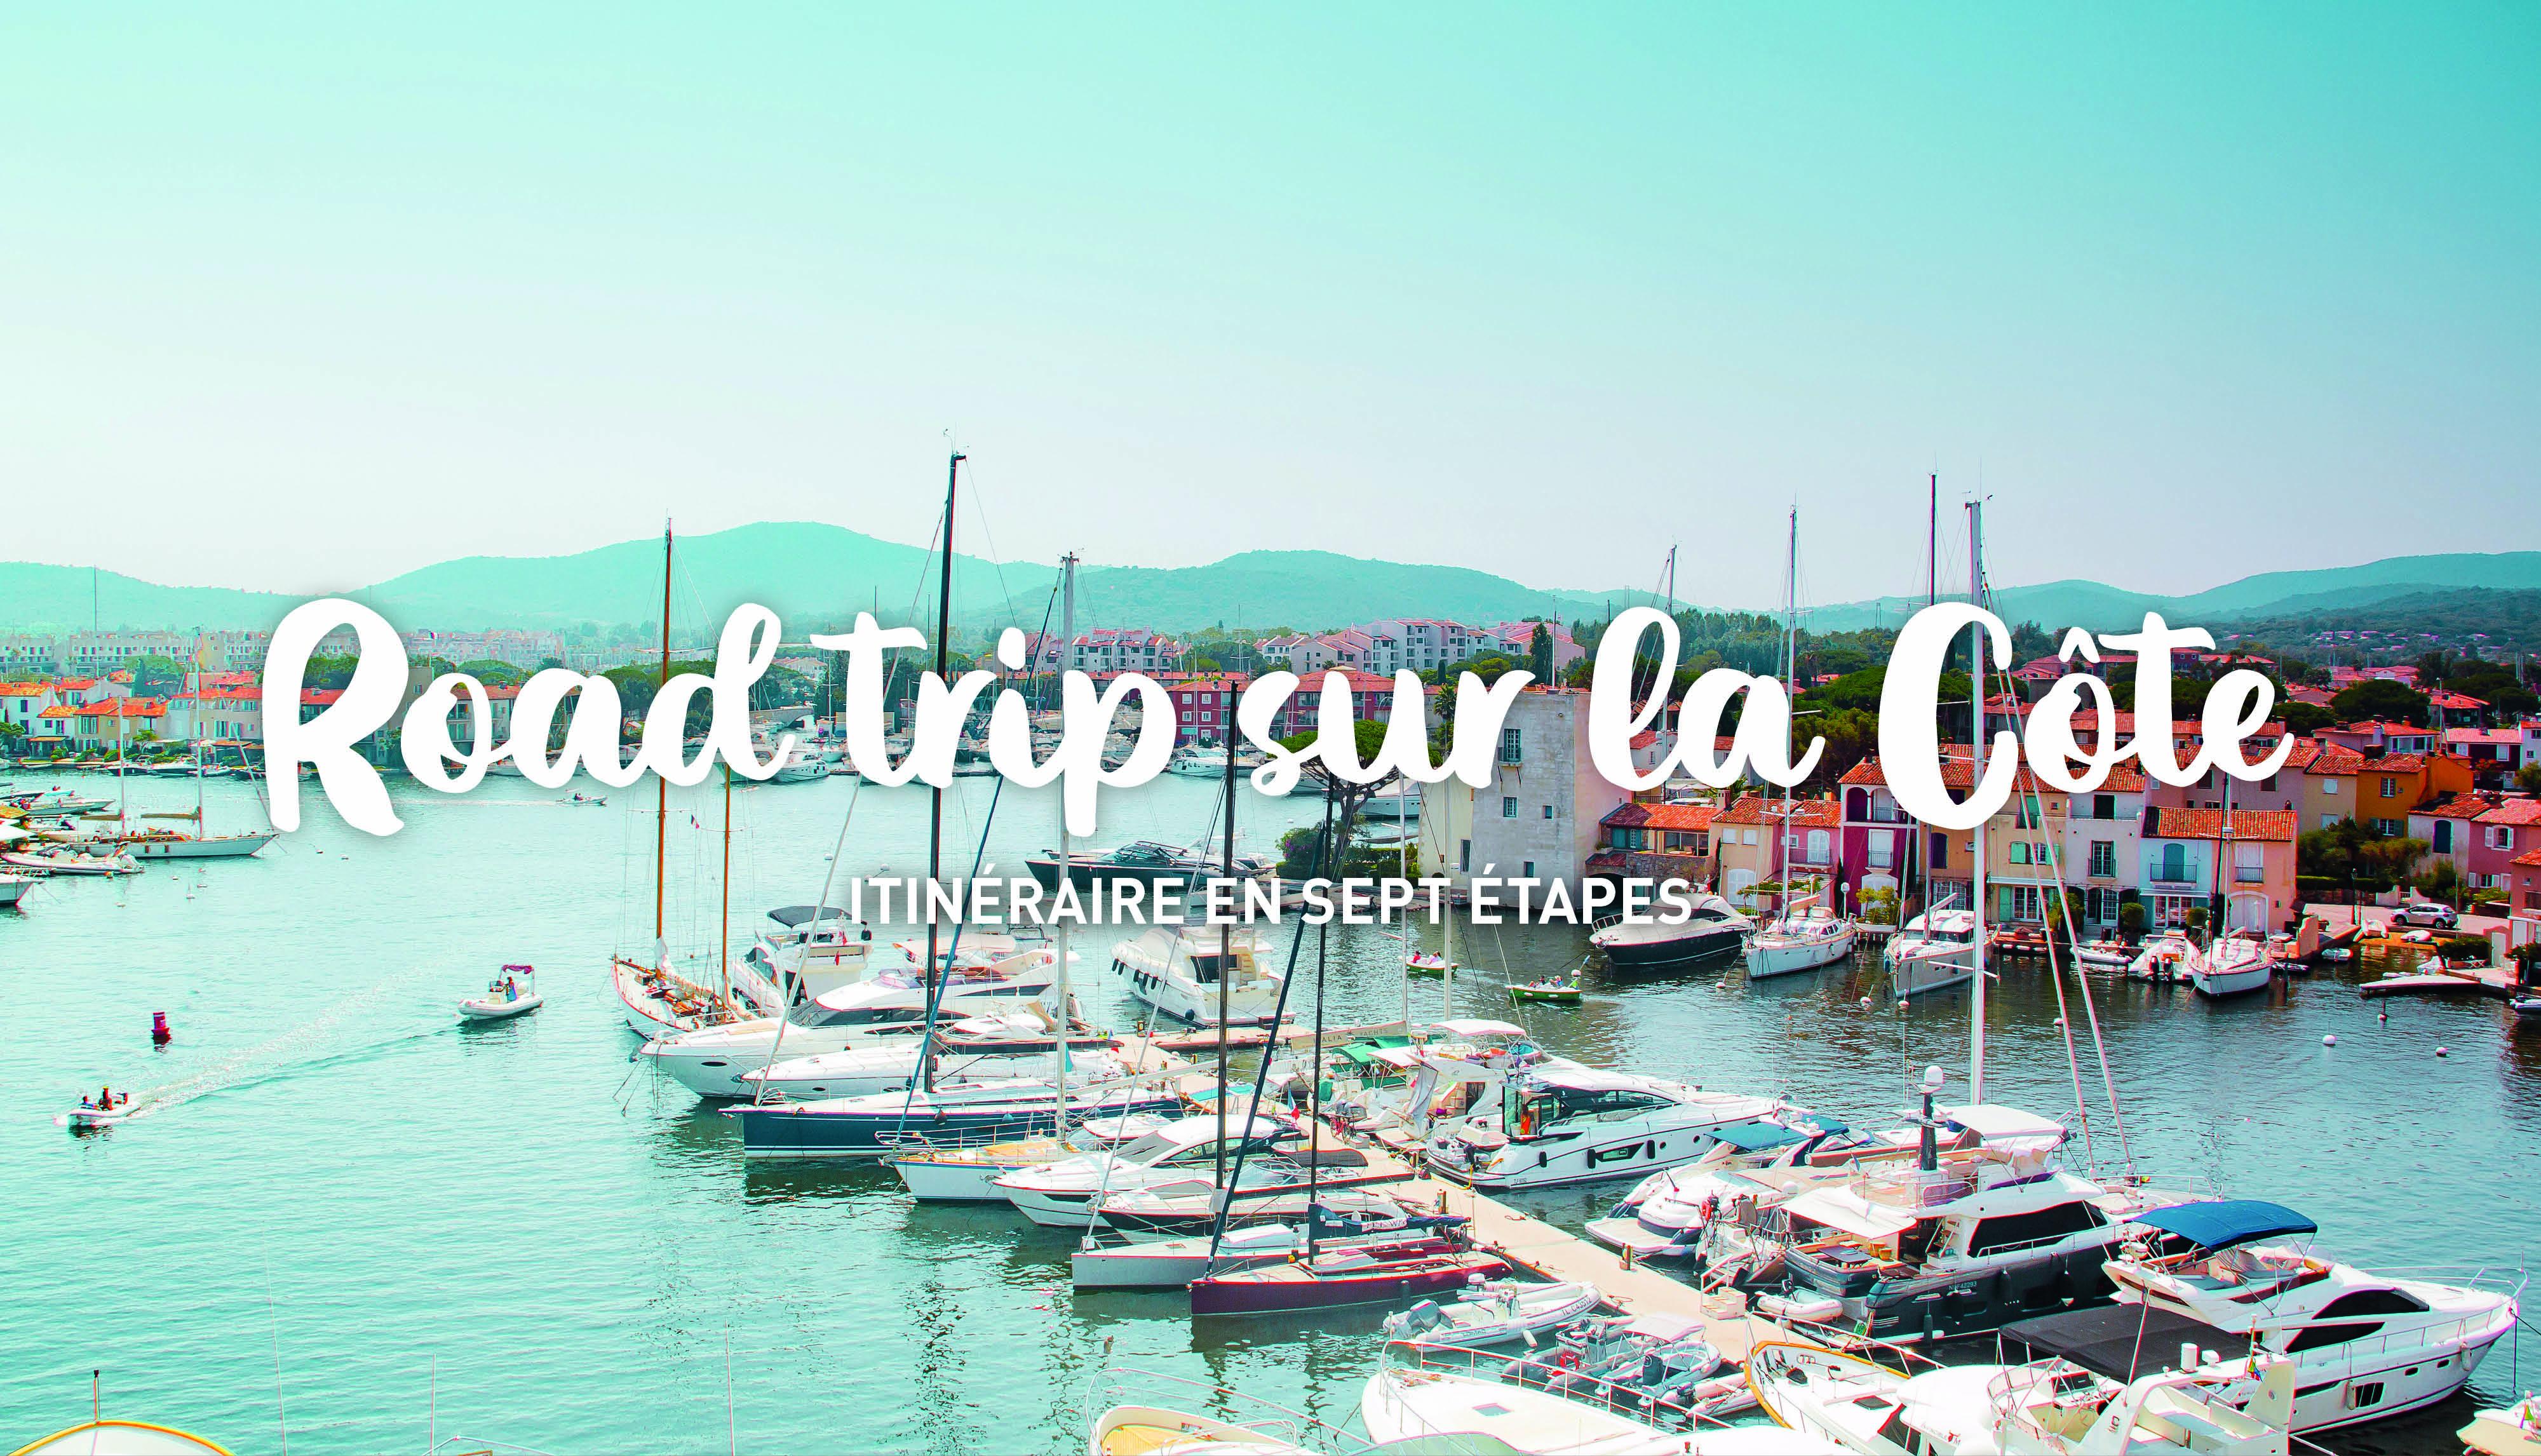 Road trip sur la côte d'azur: de Marseille à Menton